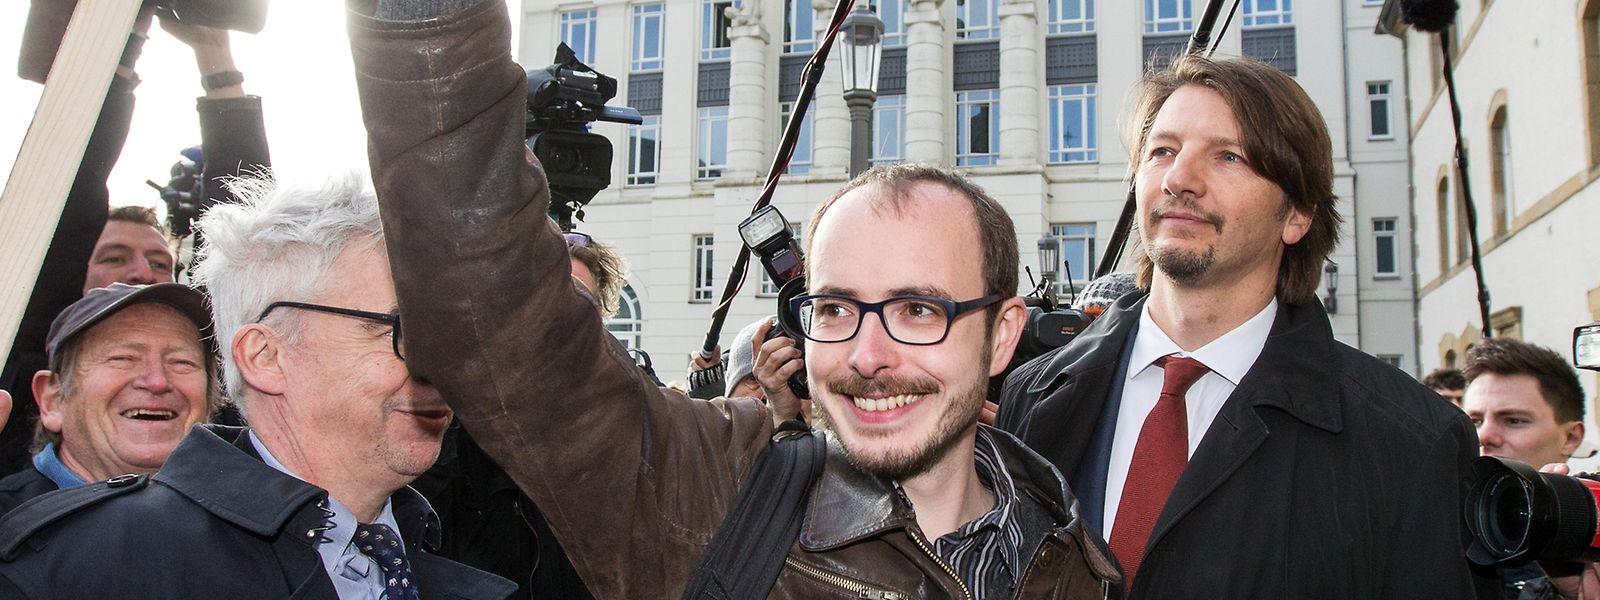 """""""Eine EU-weite Richtlinie ist ein sehr positiver Schritt für das reibungslose Funktionieren der Demokratie"""", so Antoine Deltour."""